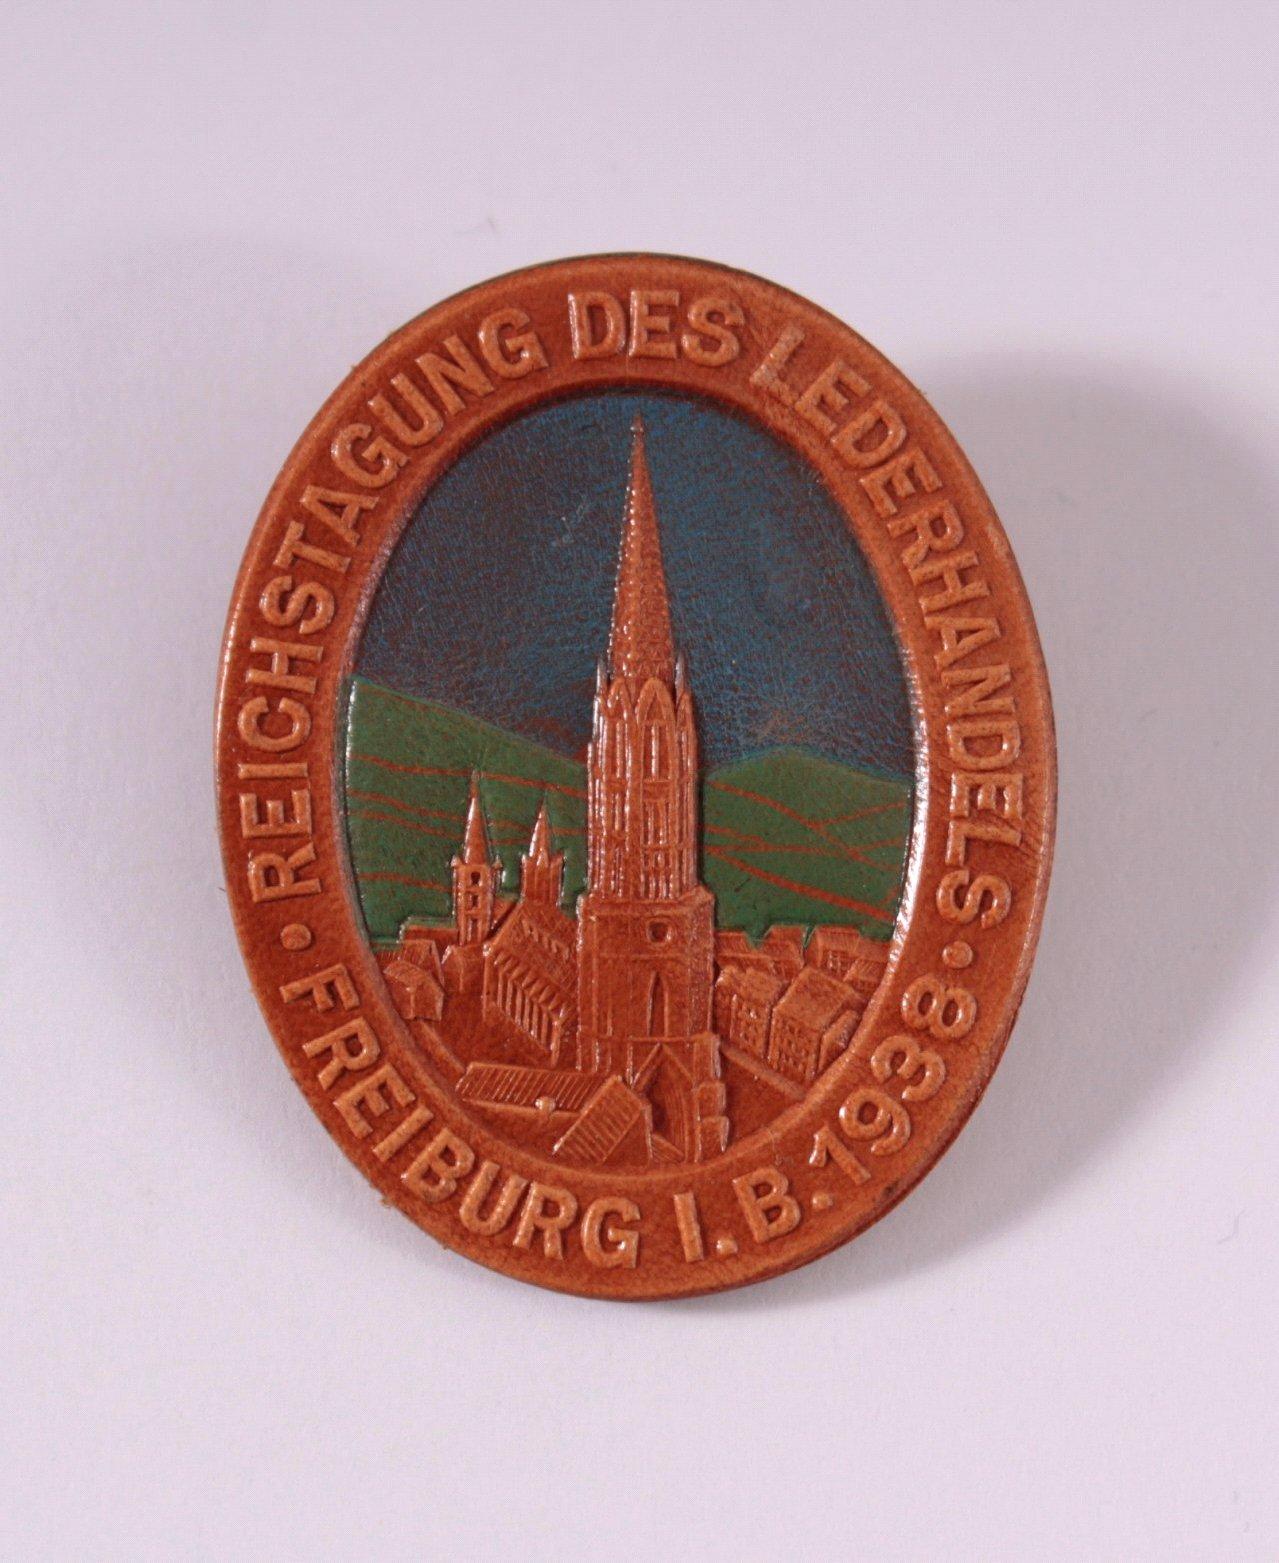 Anstecker, Reichstagung des Lederhandels 1938